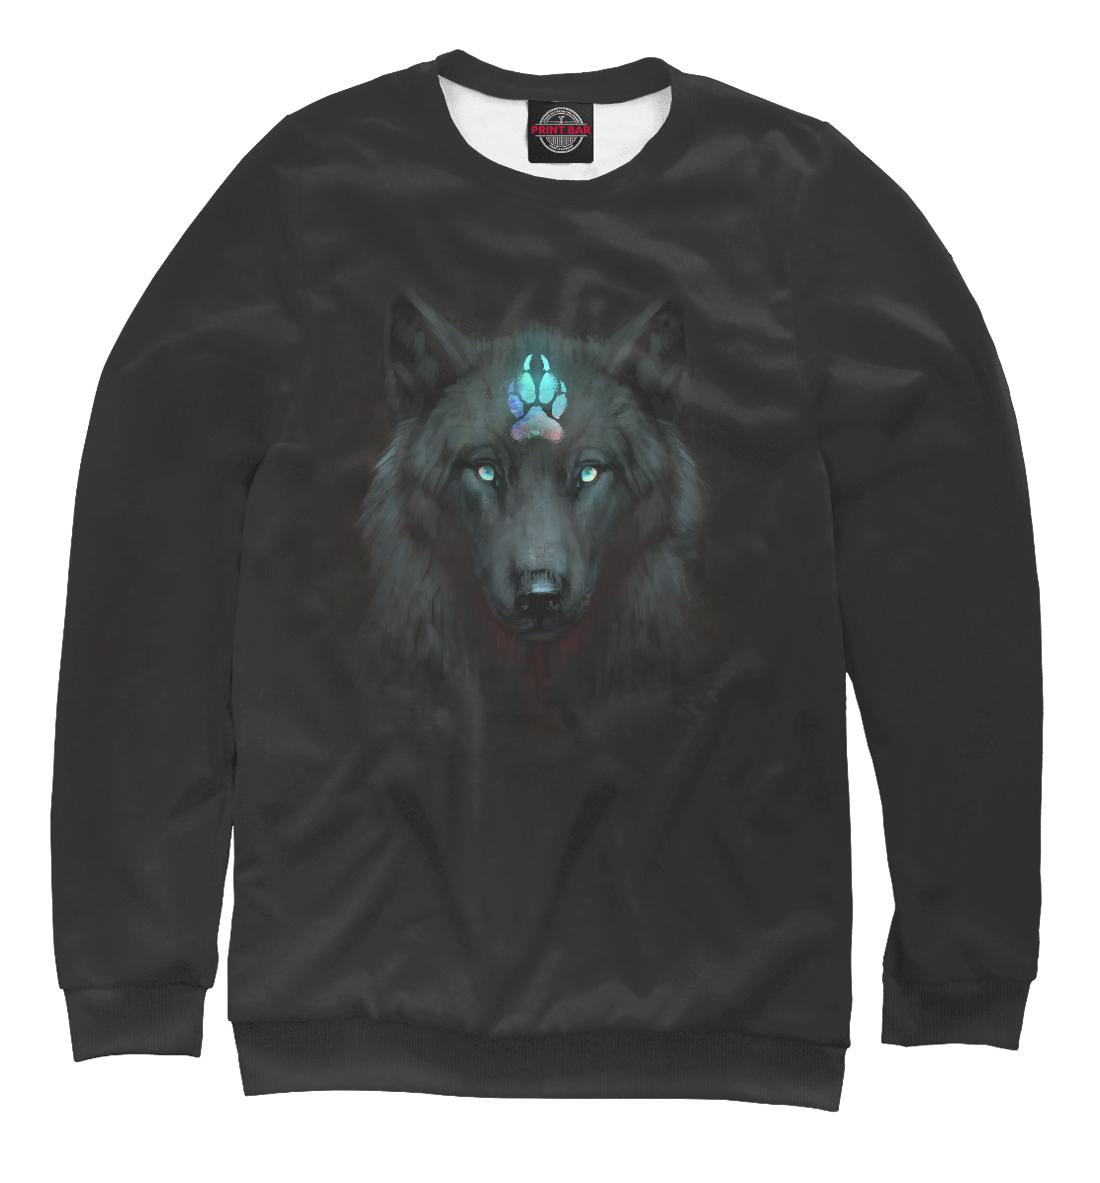 Купить Волк Альфа, Printbar, Свитшоты, VLF-285207-swi-2